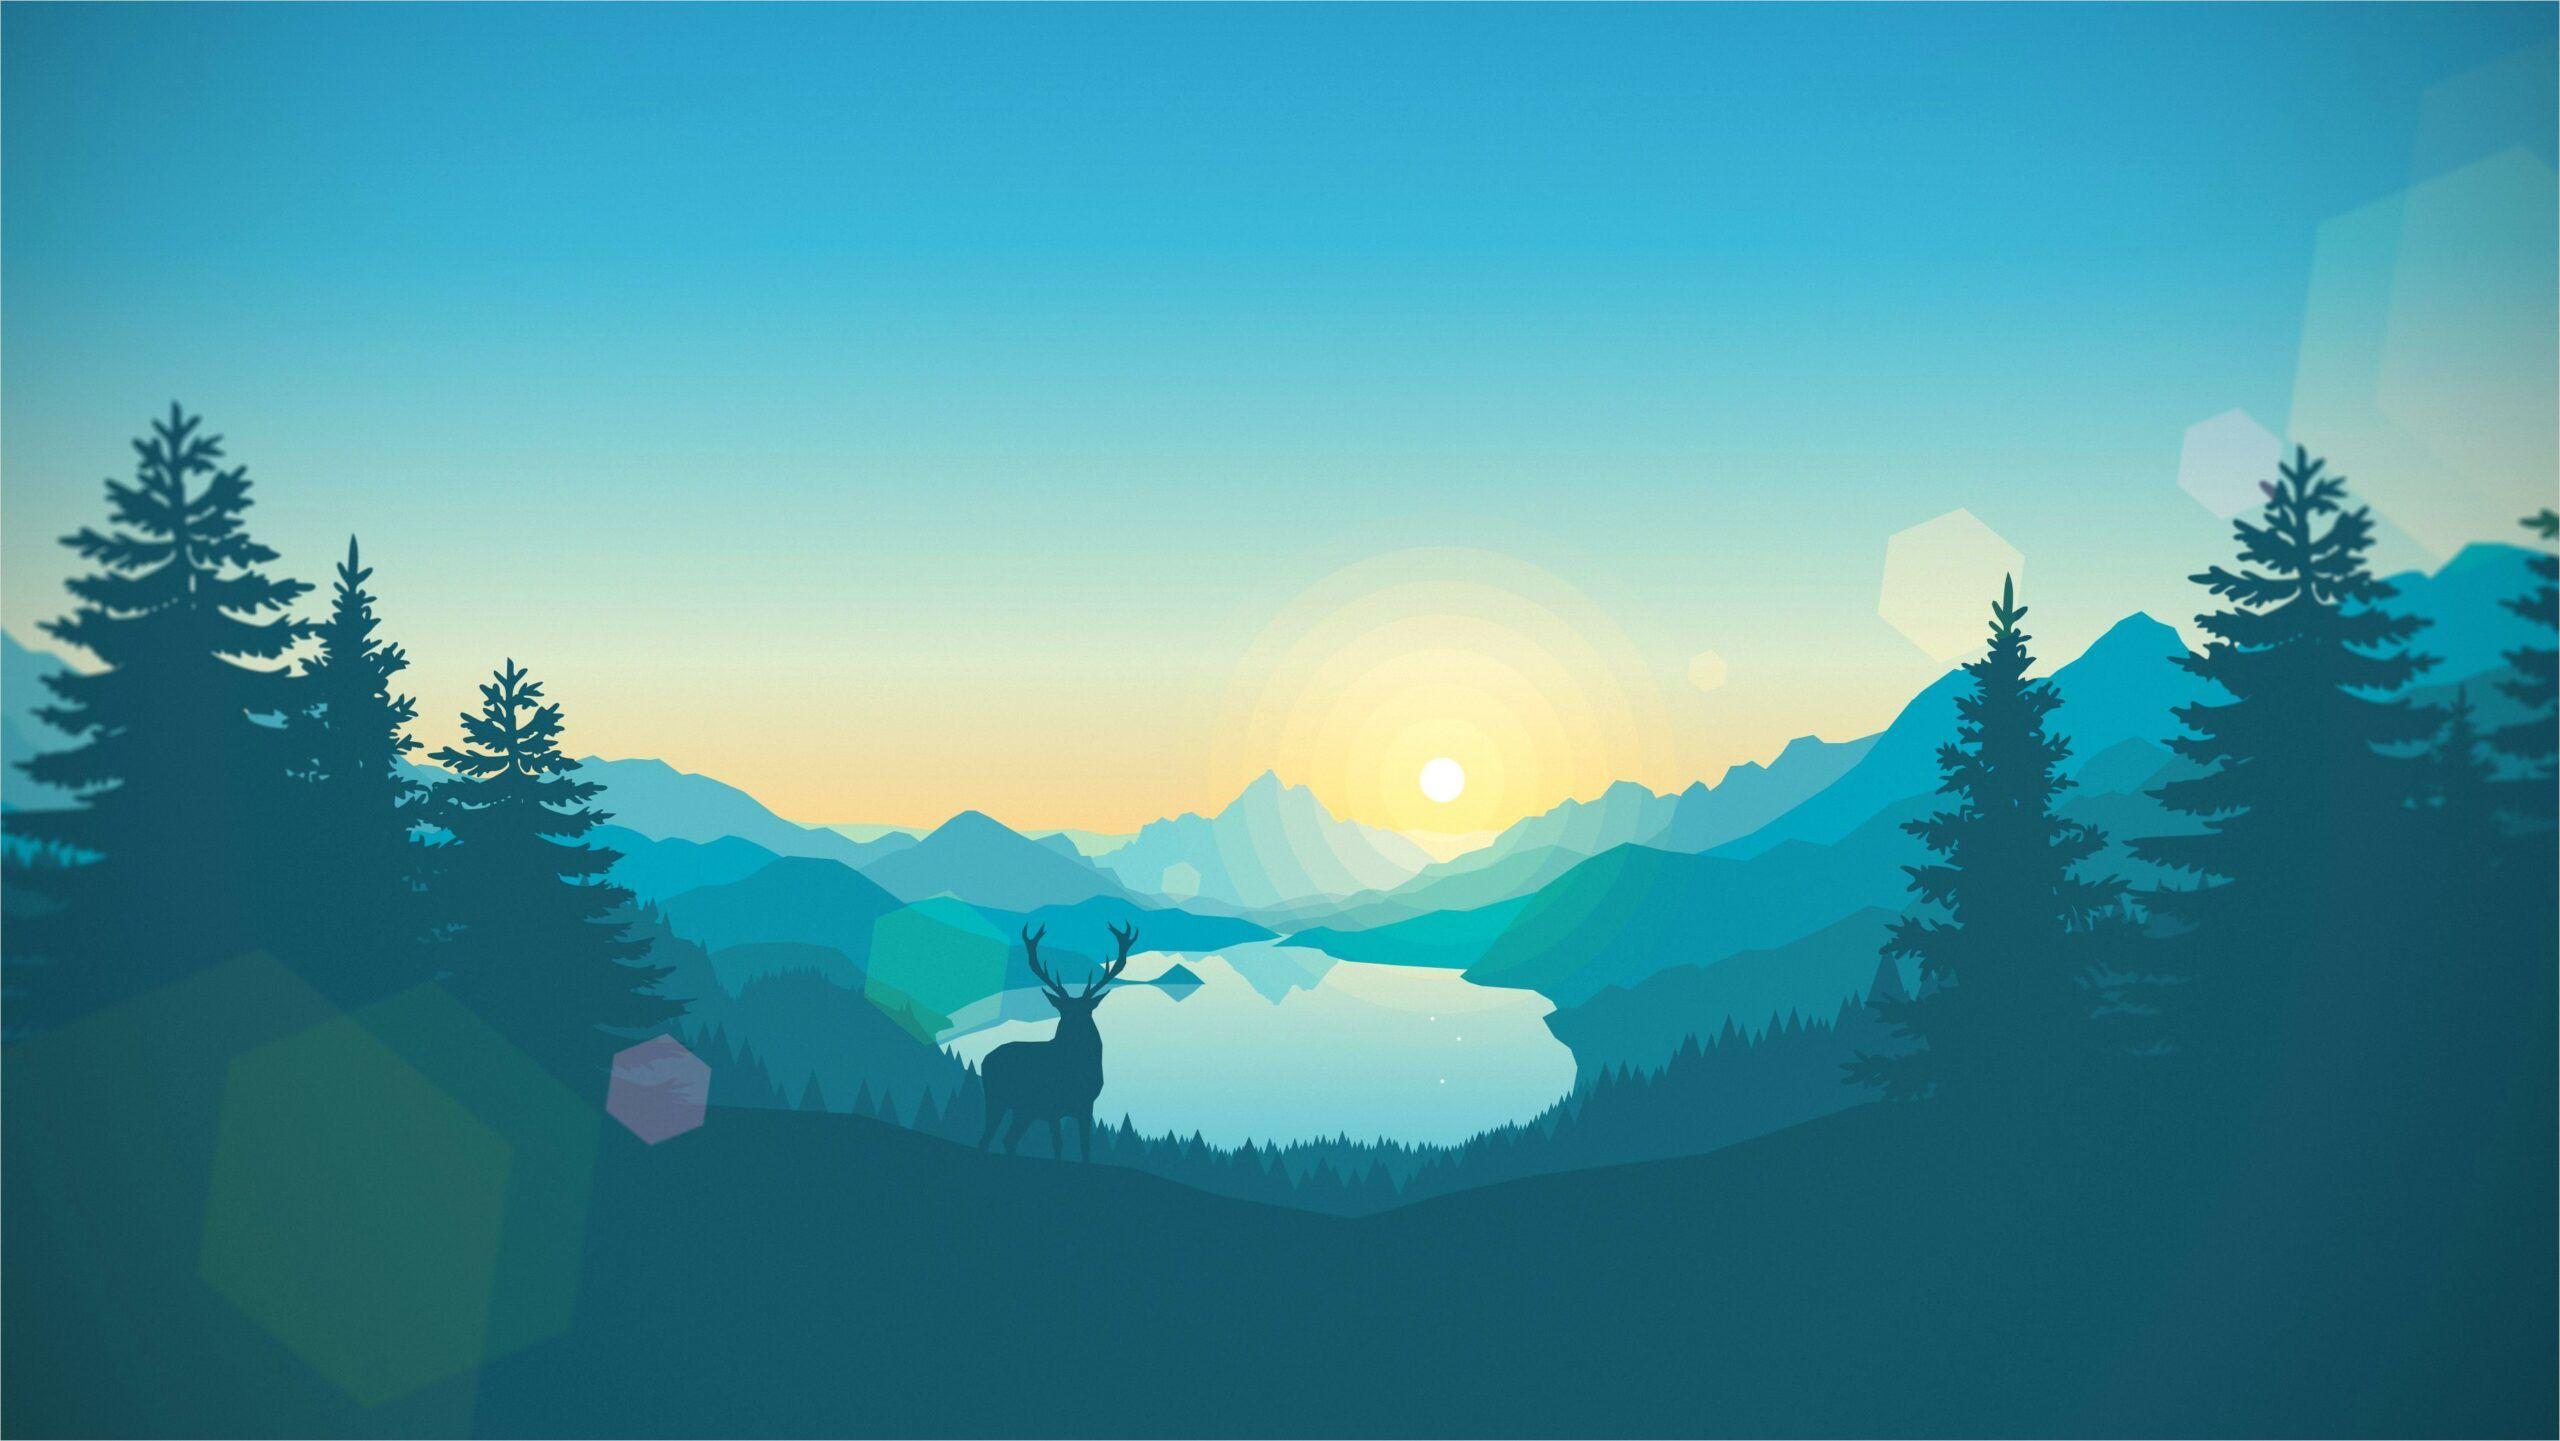 3840×2160 Wallpaper 4k Reddit【2020】 壁画, 壁紙